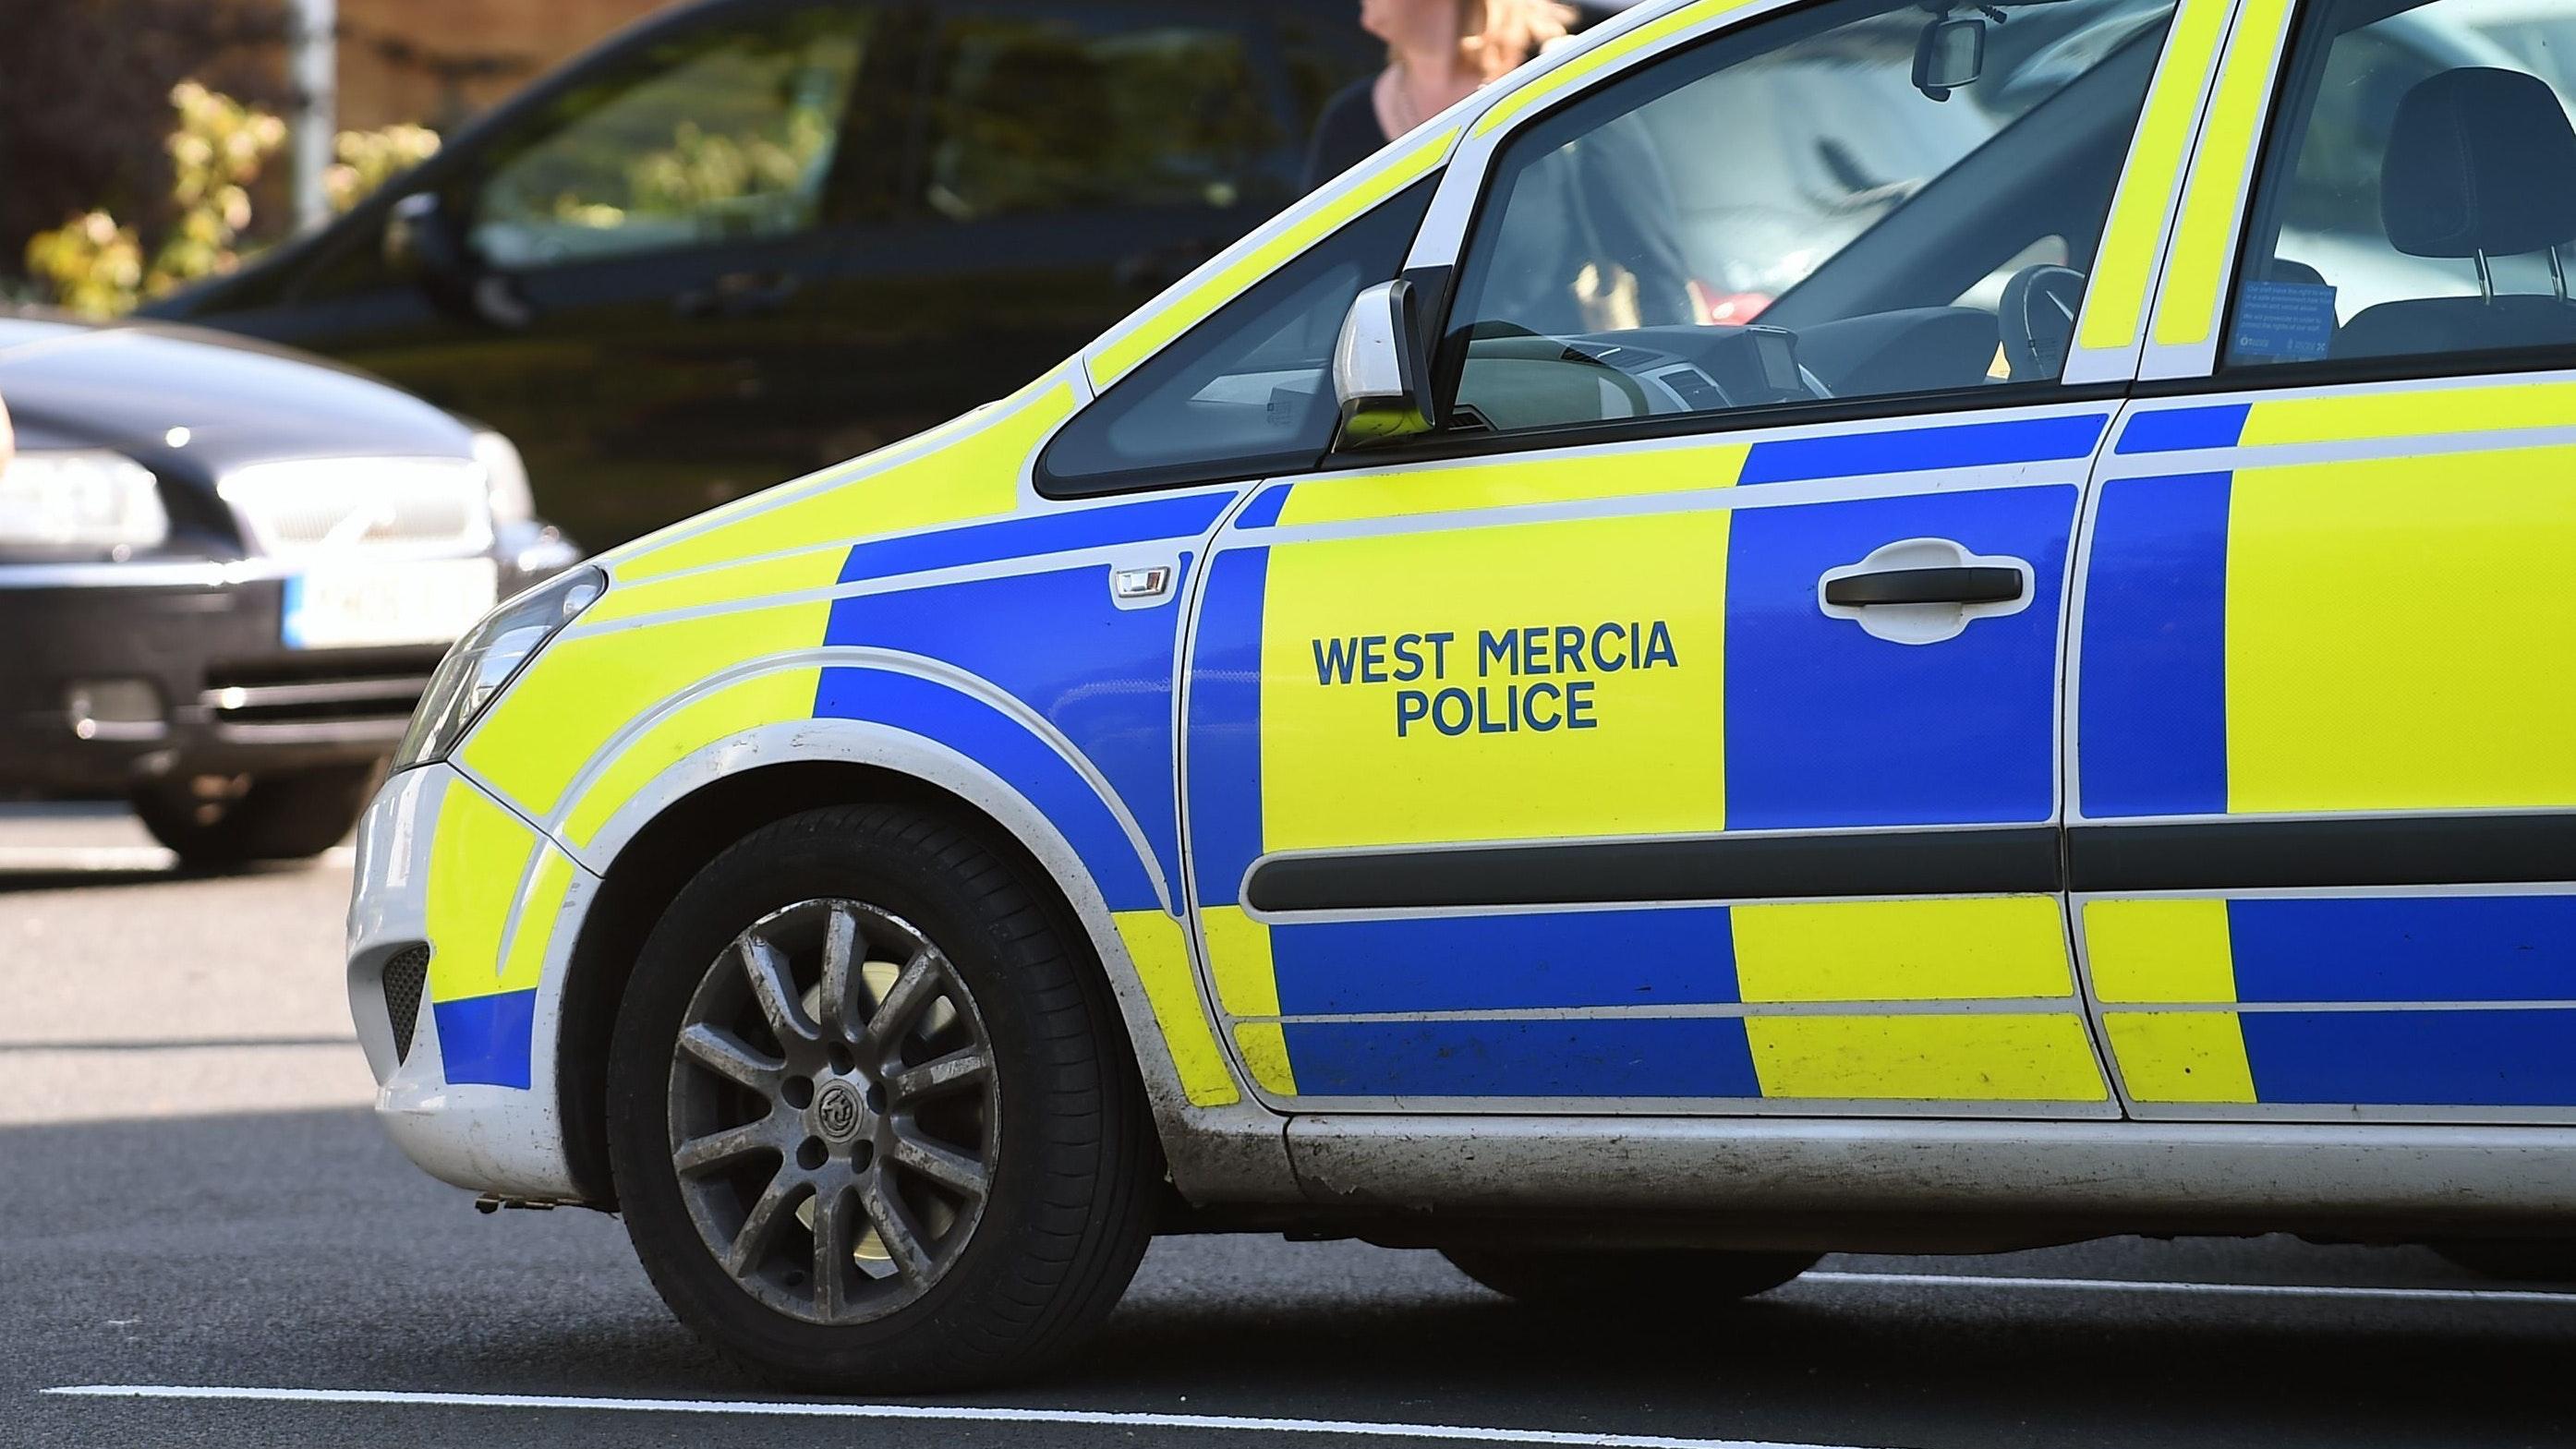 Worcester acid attack: Three arrested after toddler targeted at Home Bargains